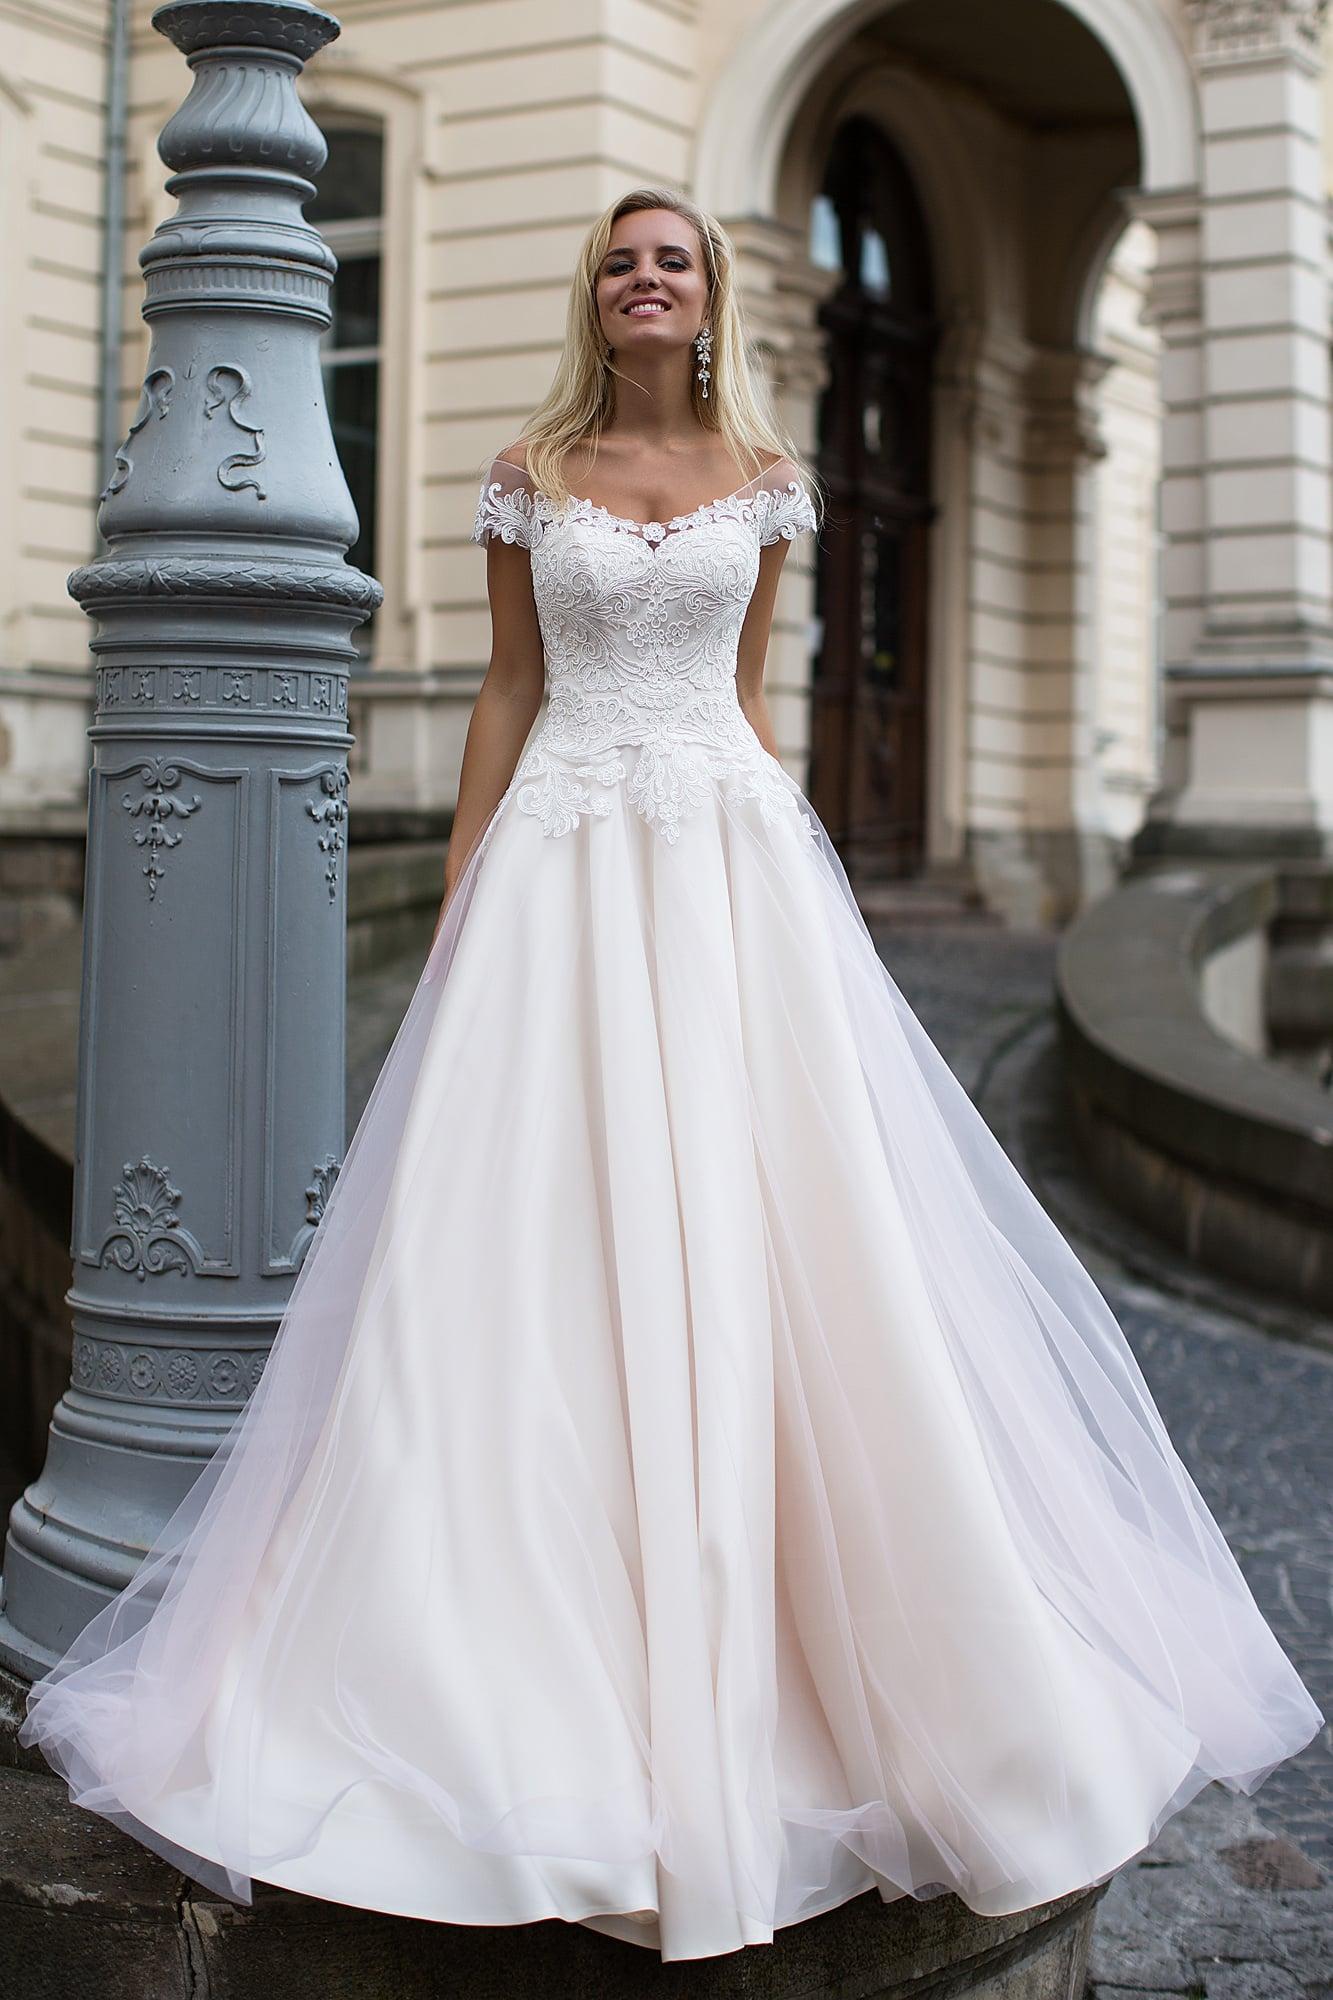 26e6df425bf Свадебное платье розового цвета с элегантным декольте и кружевным  облегающим корсетом.